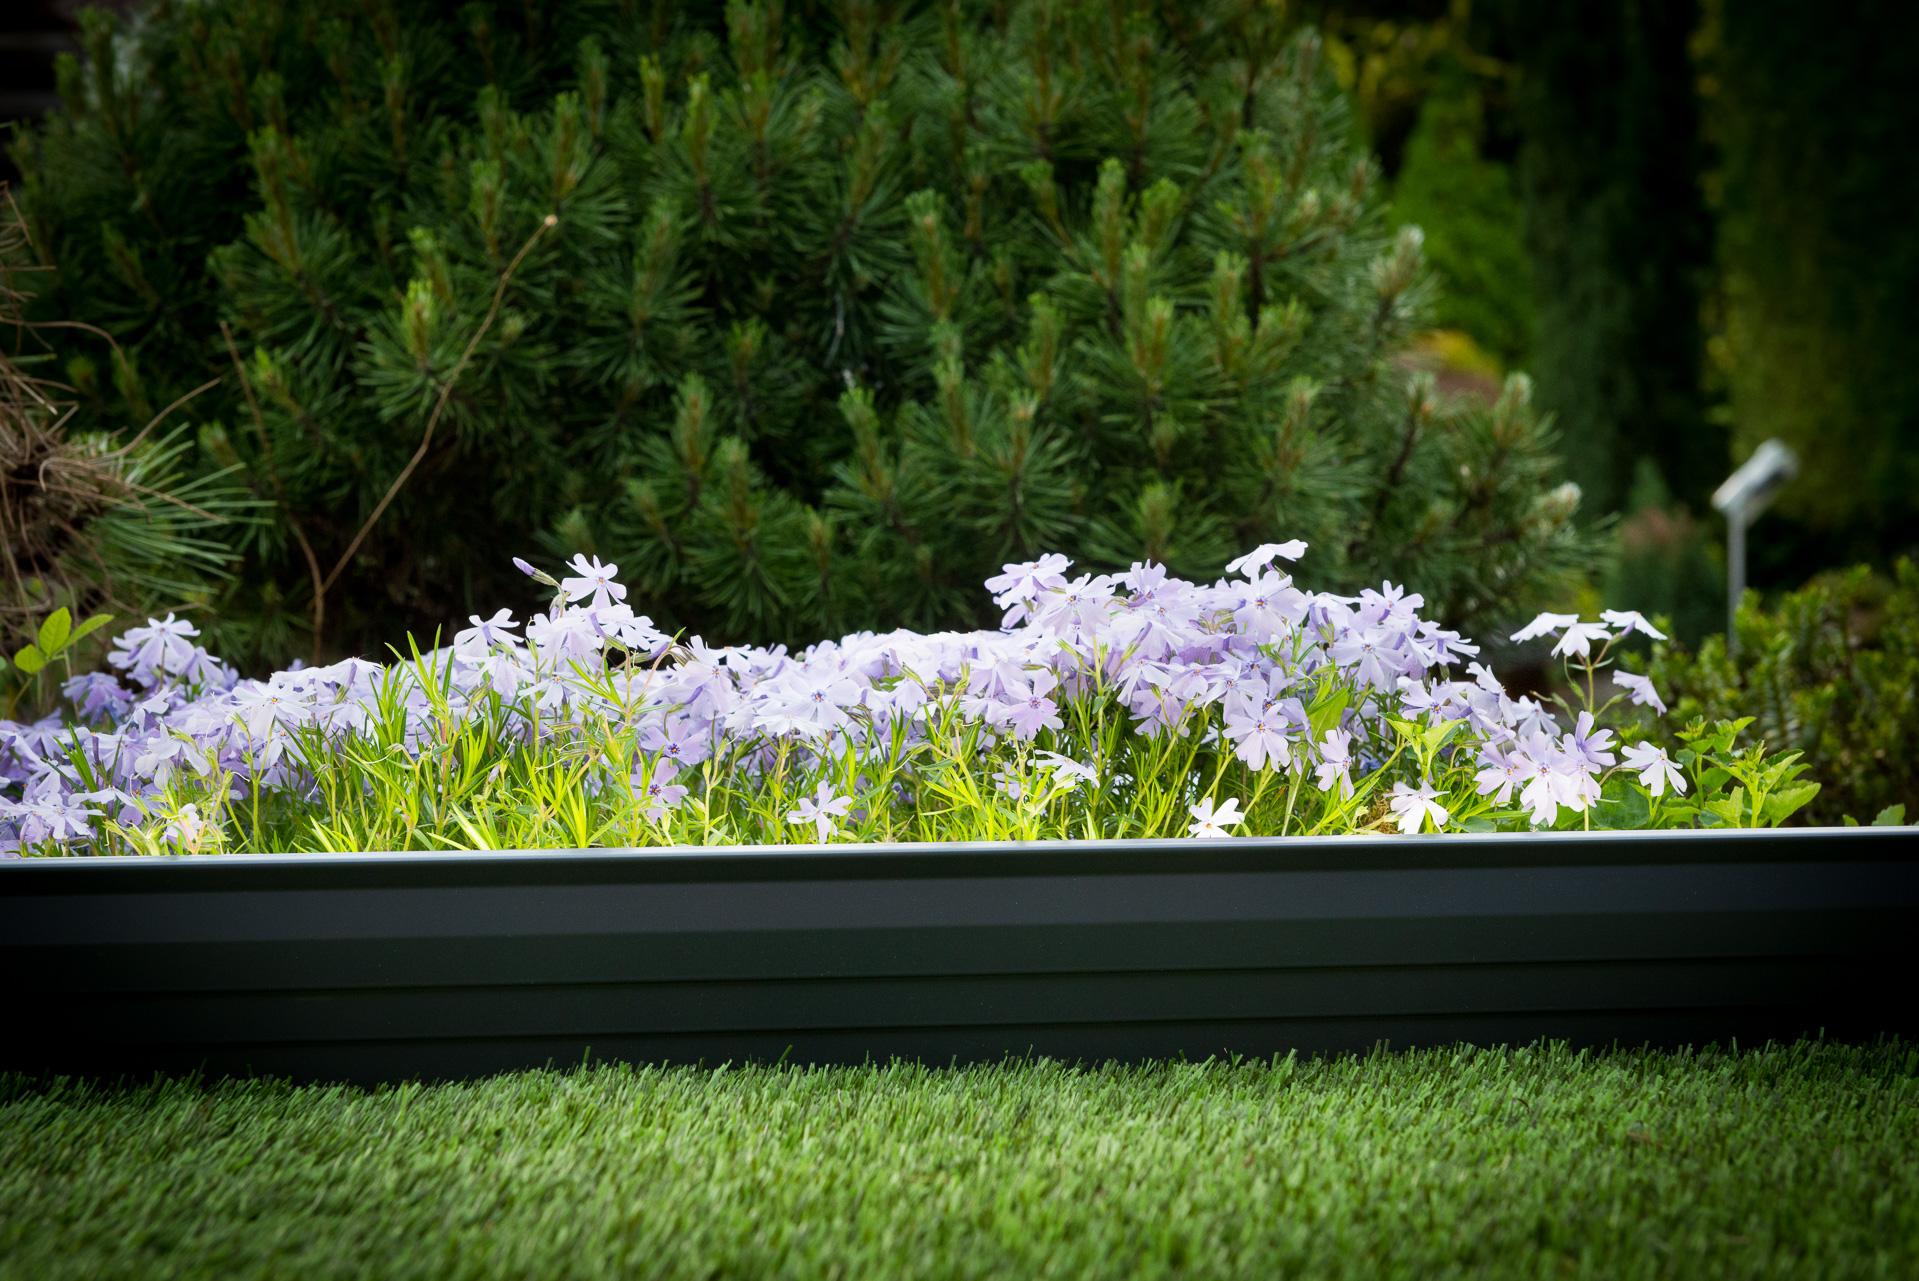 Bordure jardin gris anthracite volige alu aluminium délimitation séparation